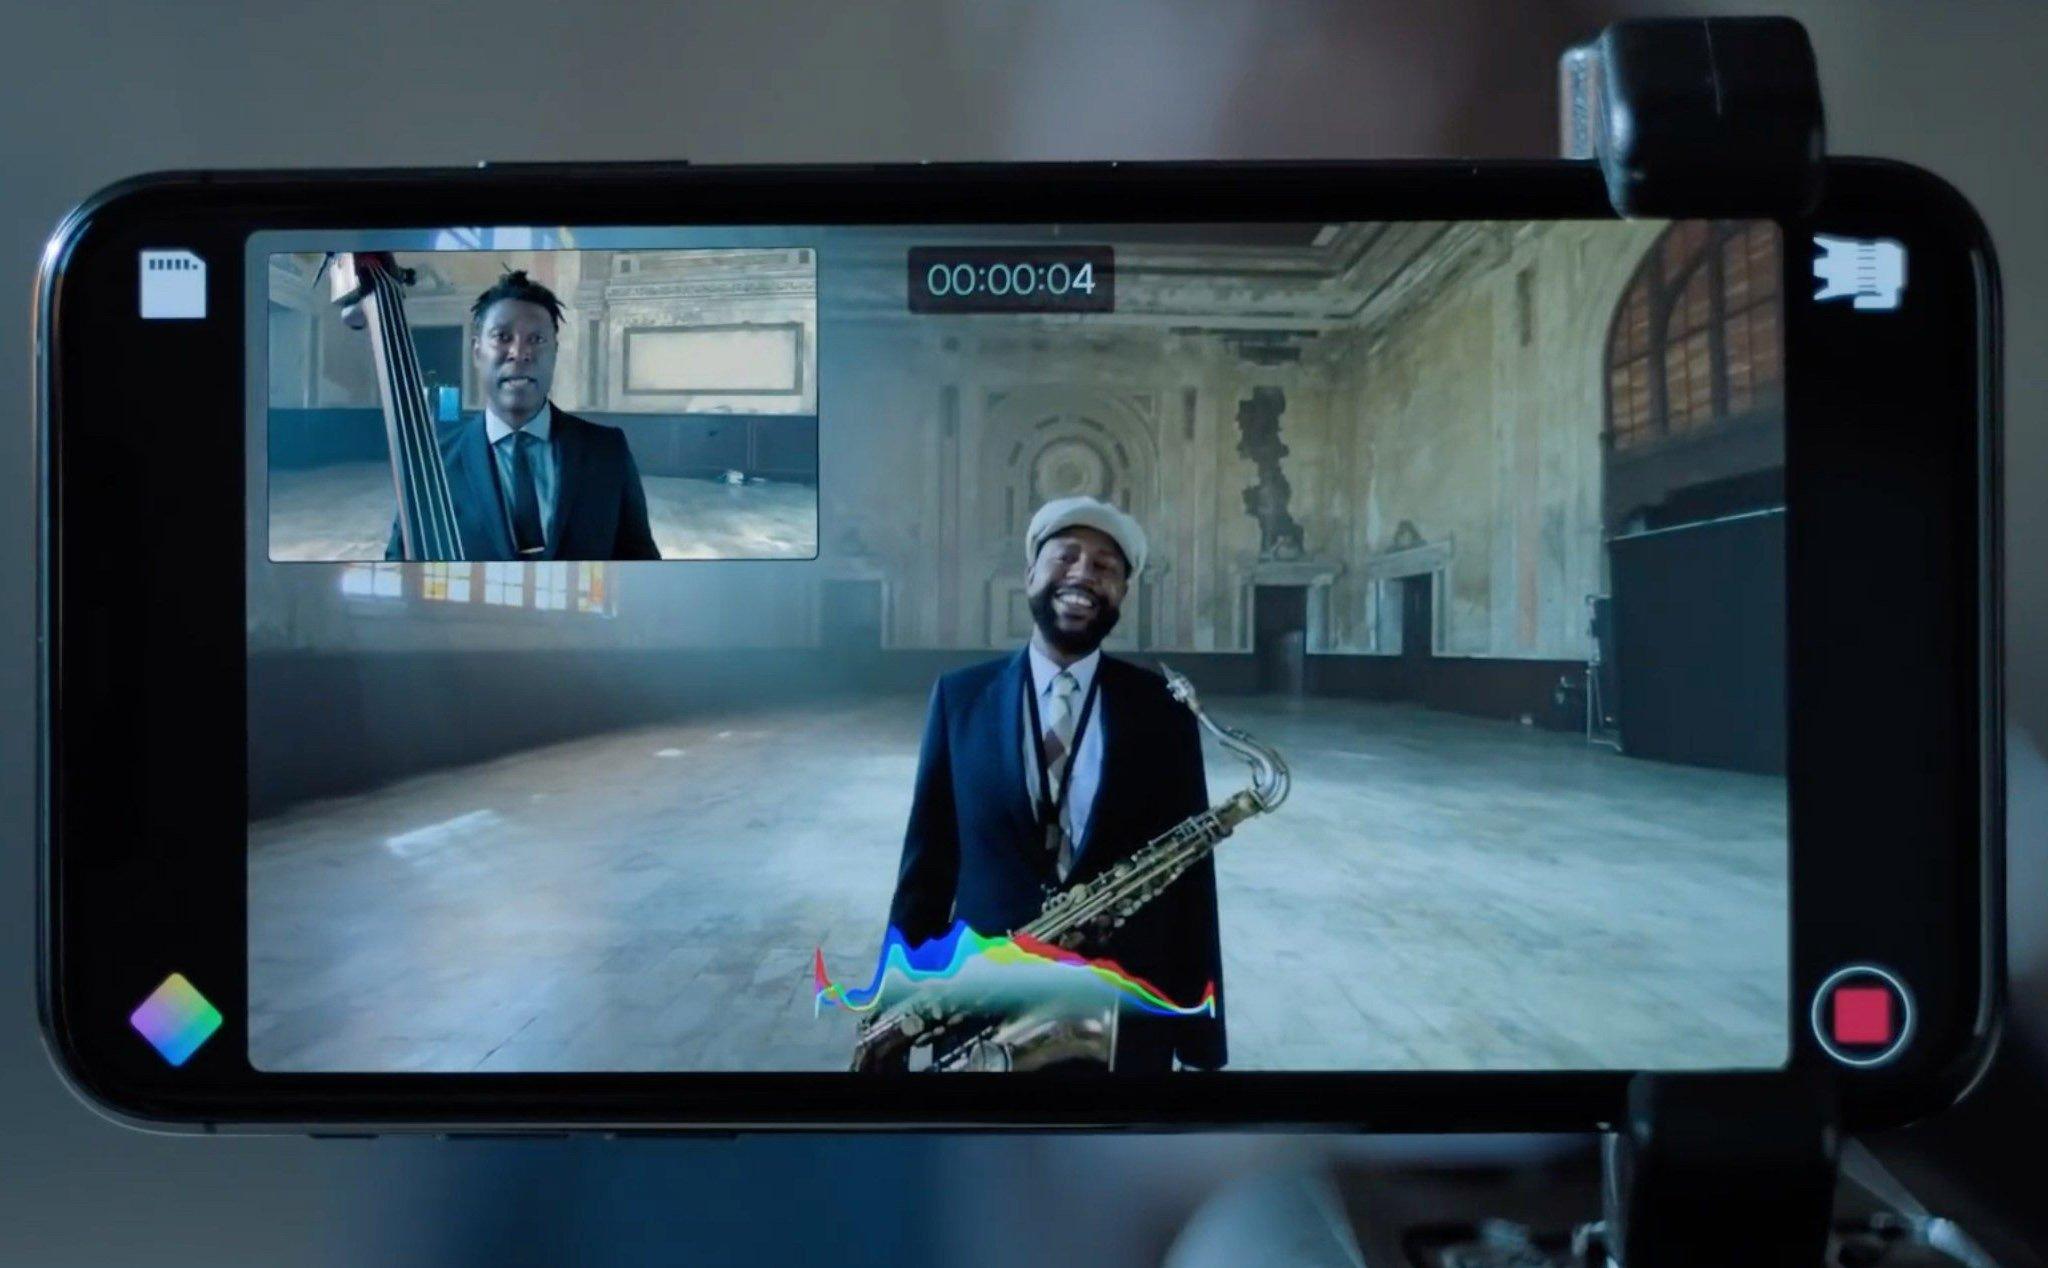 iPhone XS, XS Max và XR cũng sẽ được cập nhật chế độ quay phim 2 camera cùng lúc